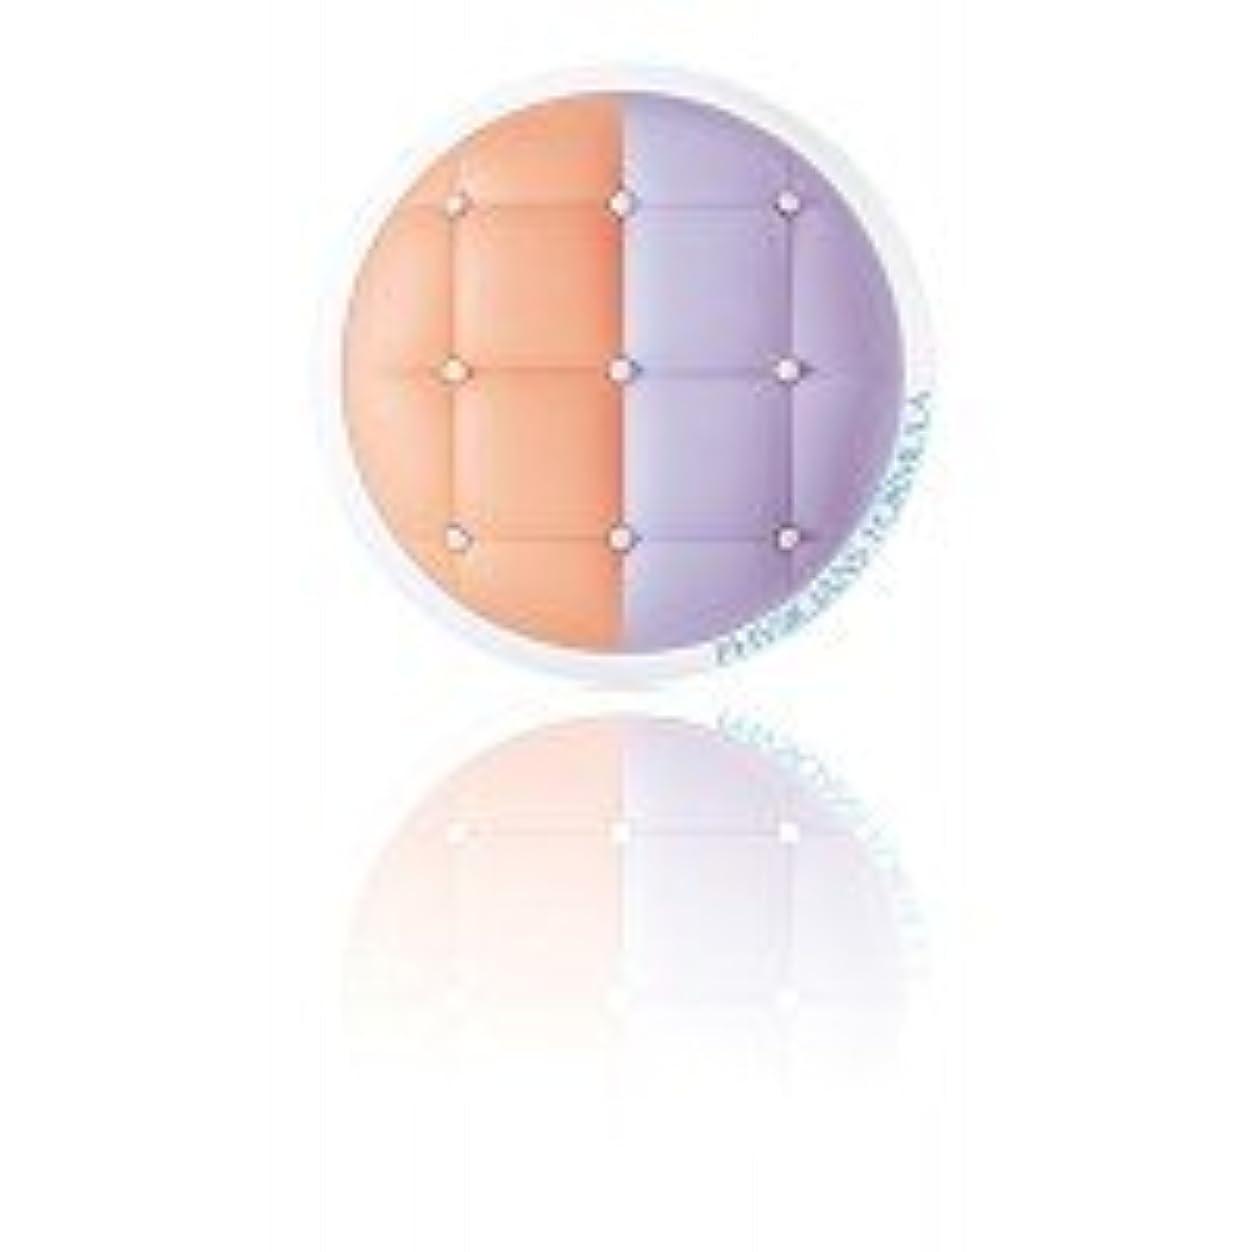 植物の辞任する件名ミネラルウェア クッションコレクター+プライマーデュオ Peach/Lavender MCC02